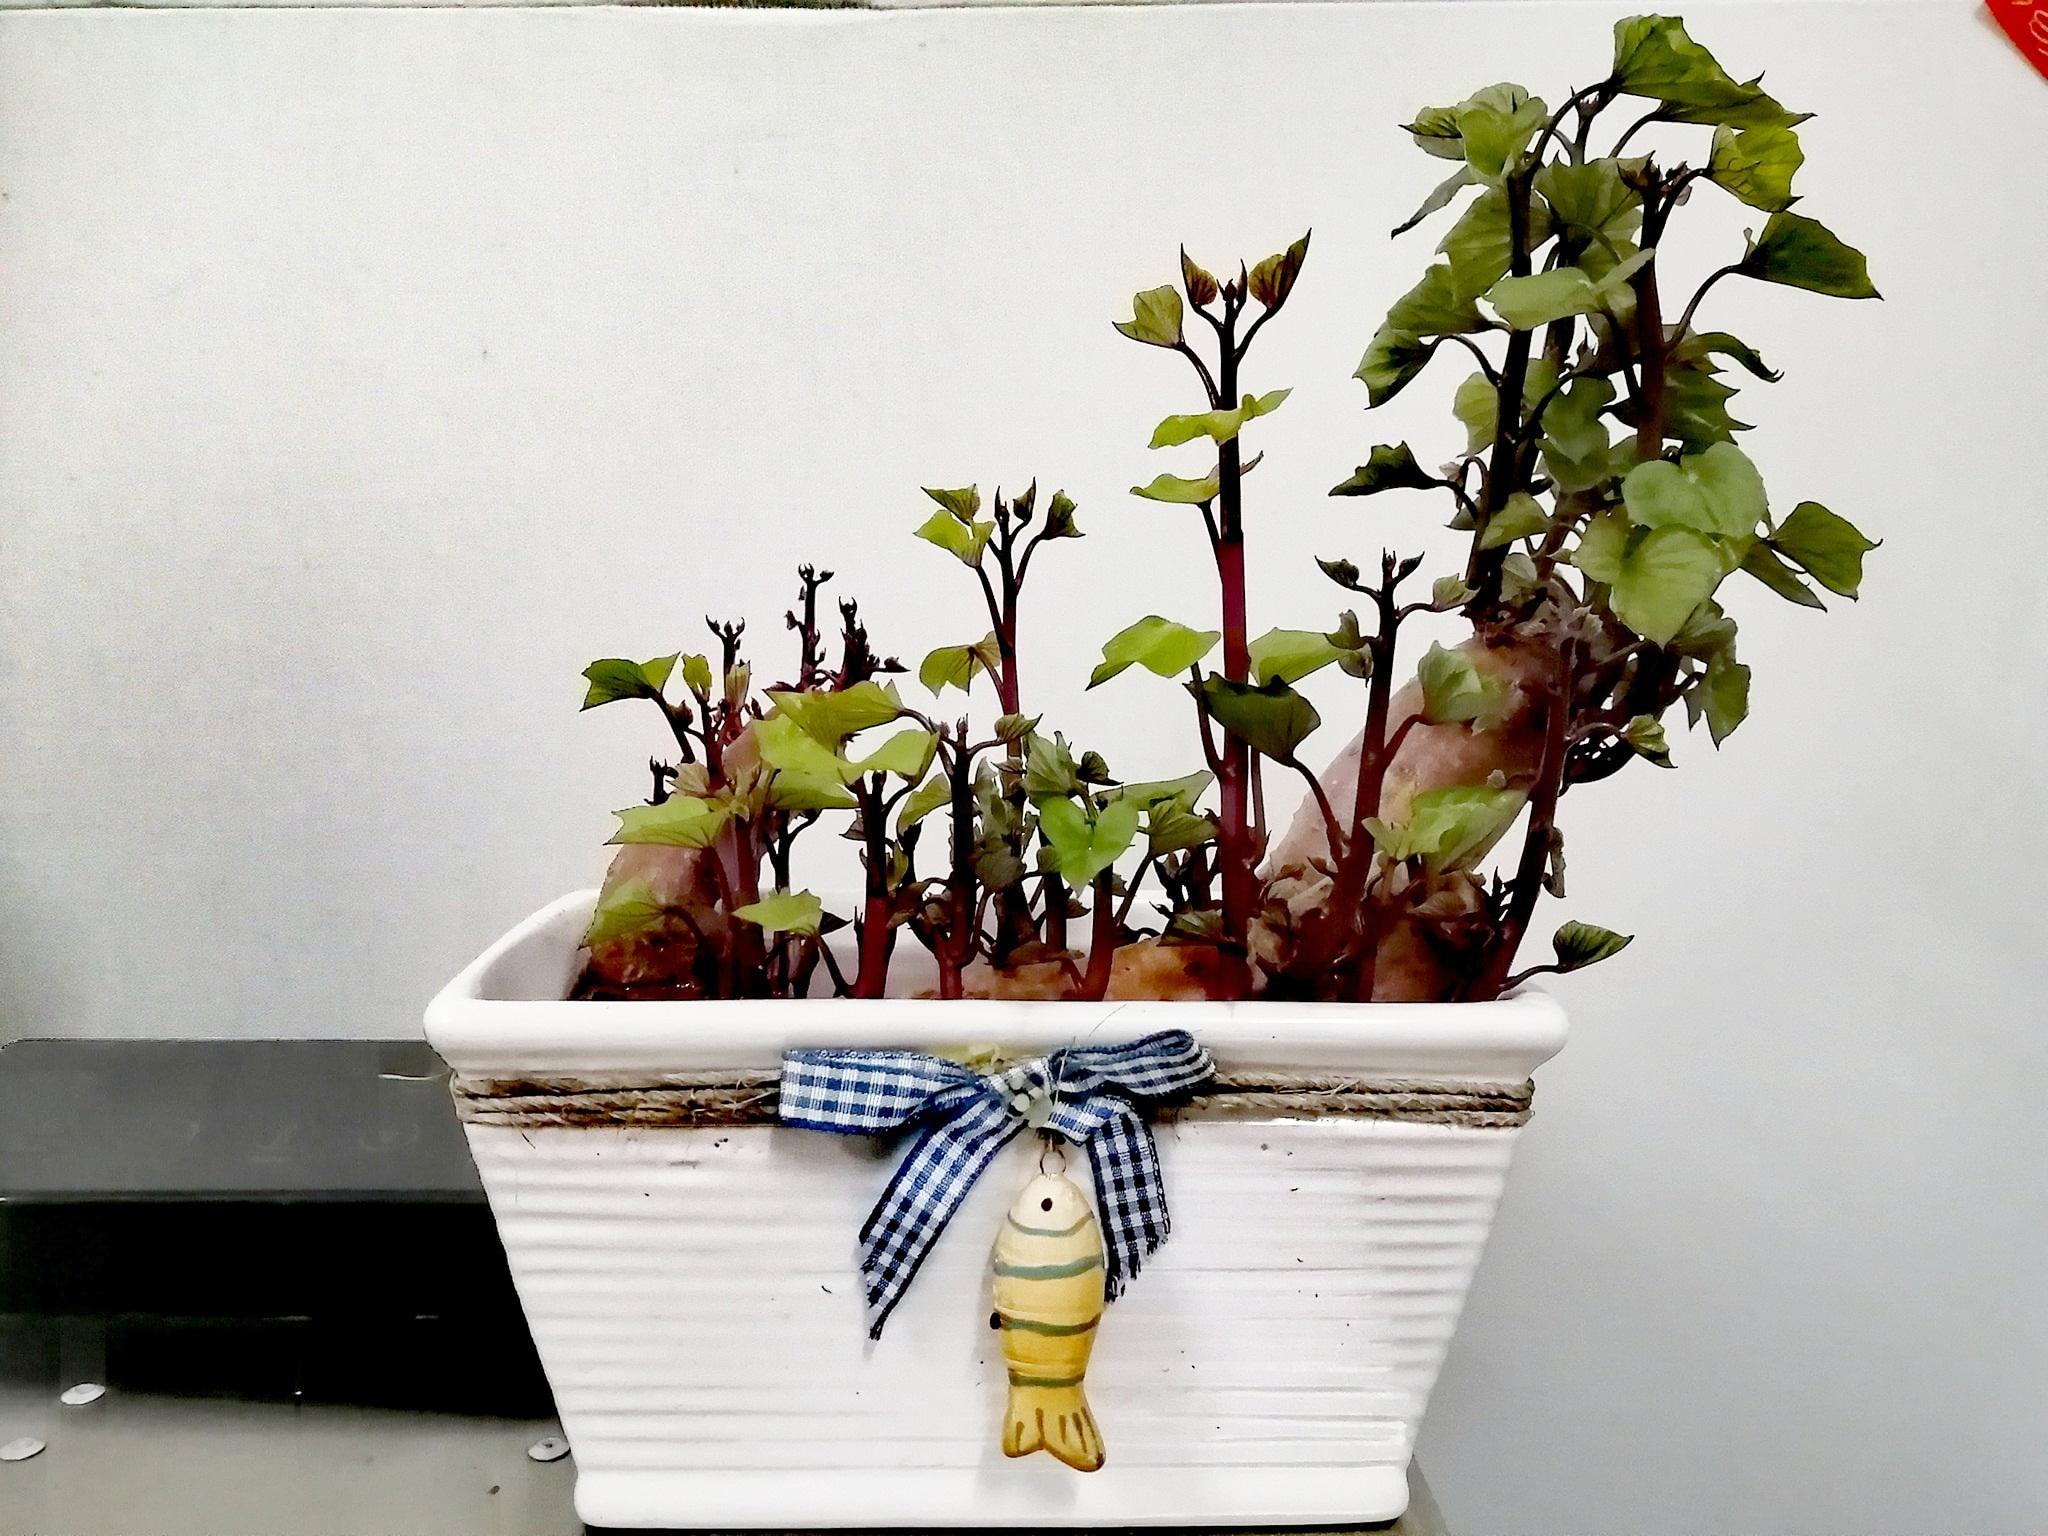 Trồng khoai lang bonsai làm đẹp nhà với các bước dễ vô cùng mà nói ra ai cũng sẽ làm được - Ảnh 6.